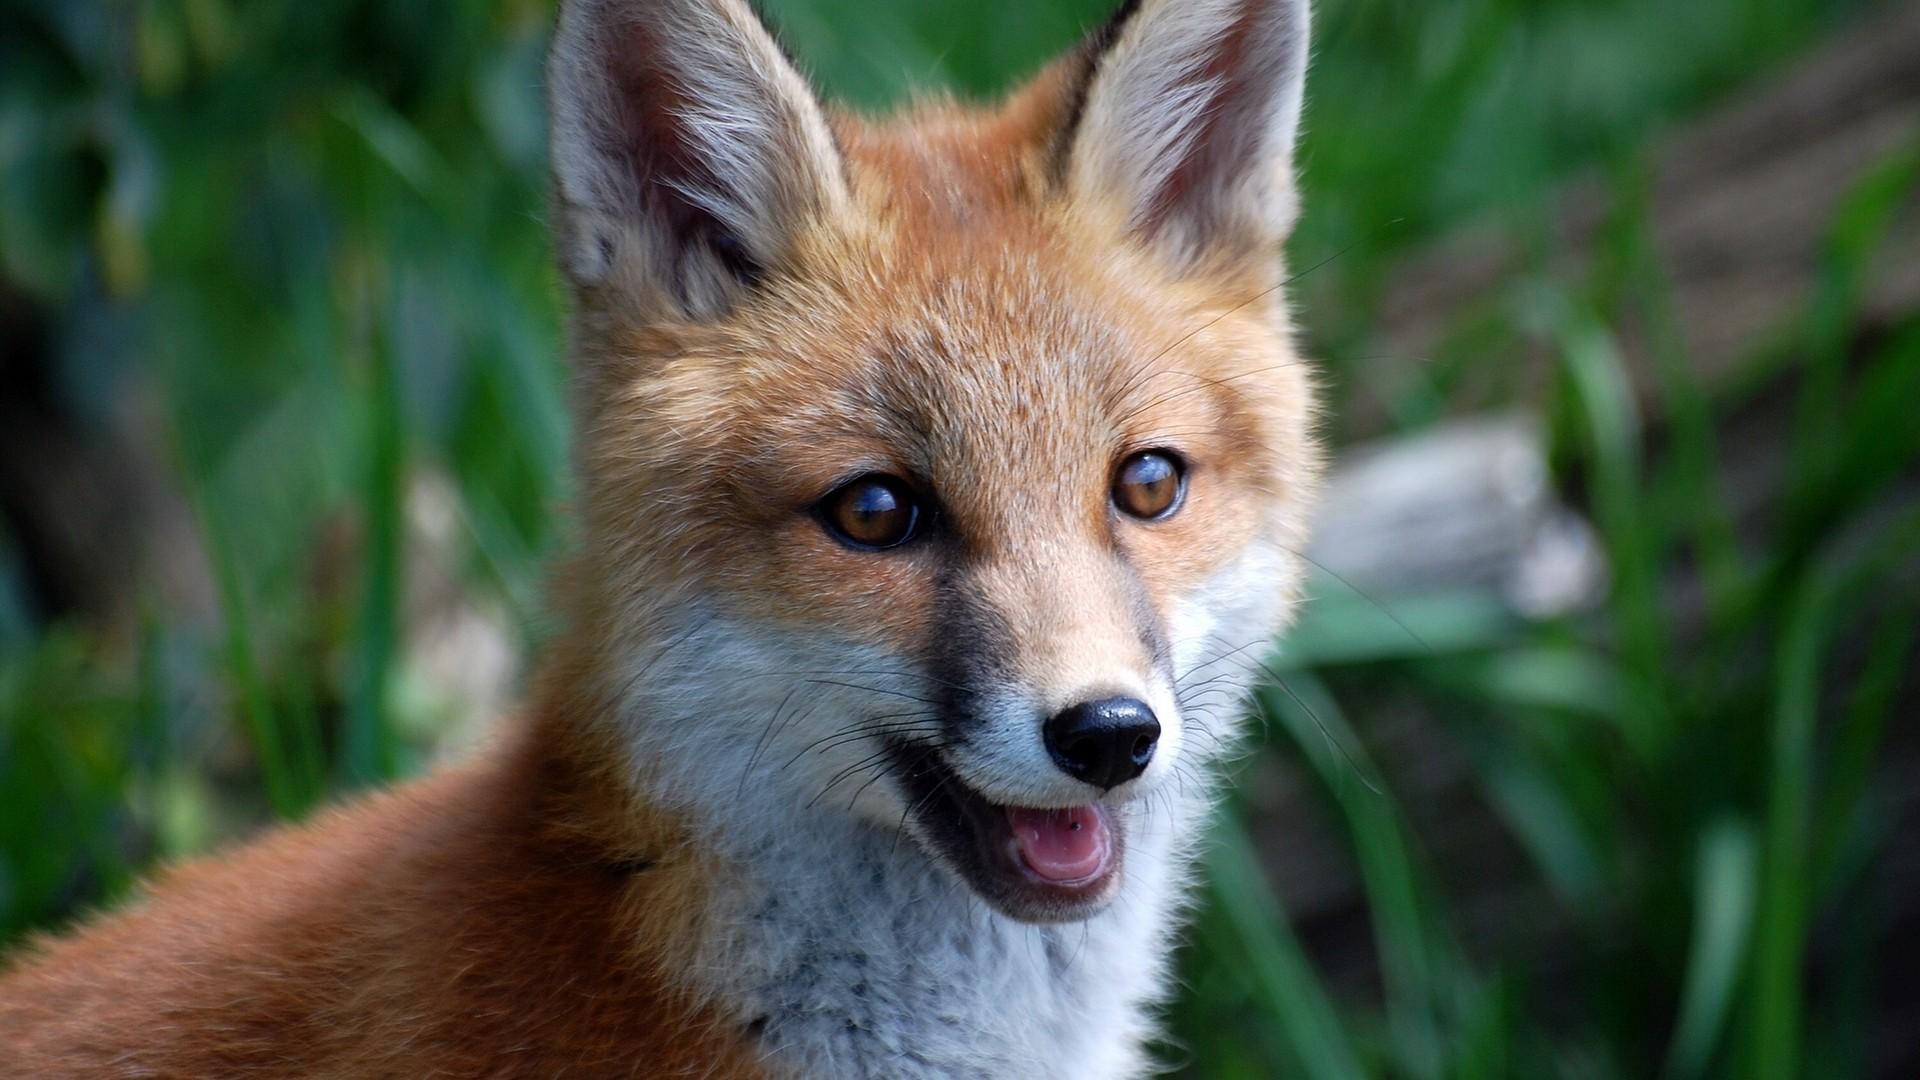 The Smiling Fox by thrumyeye on DeviantArt